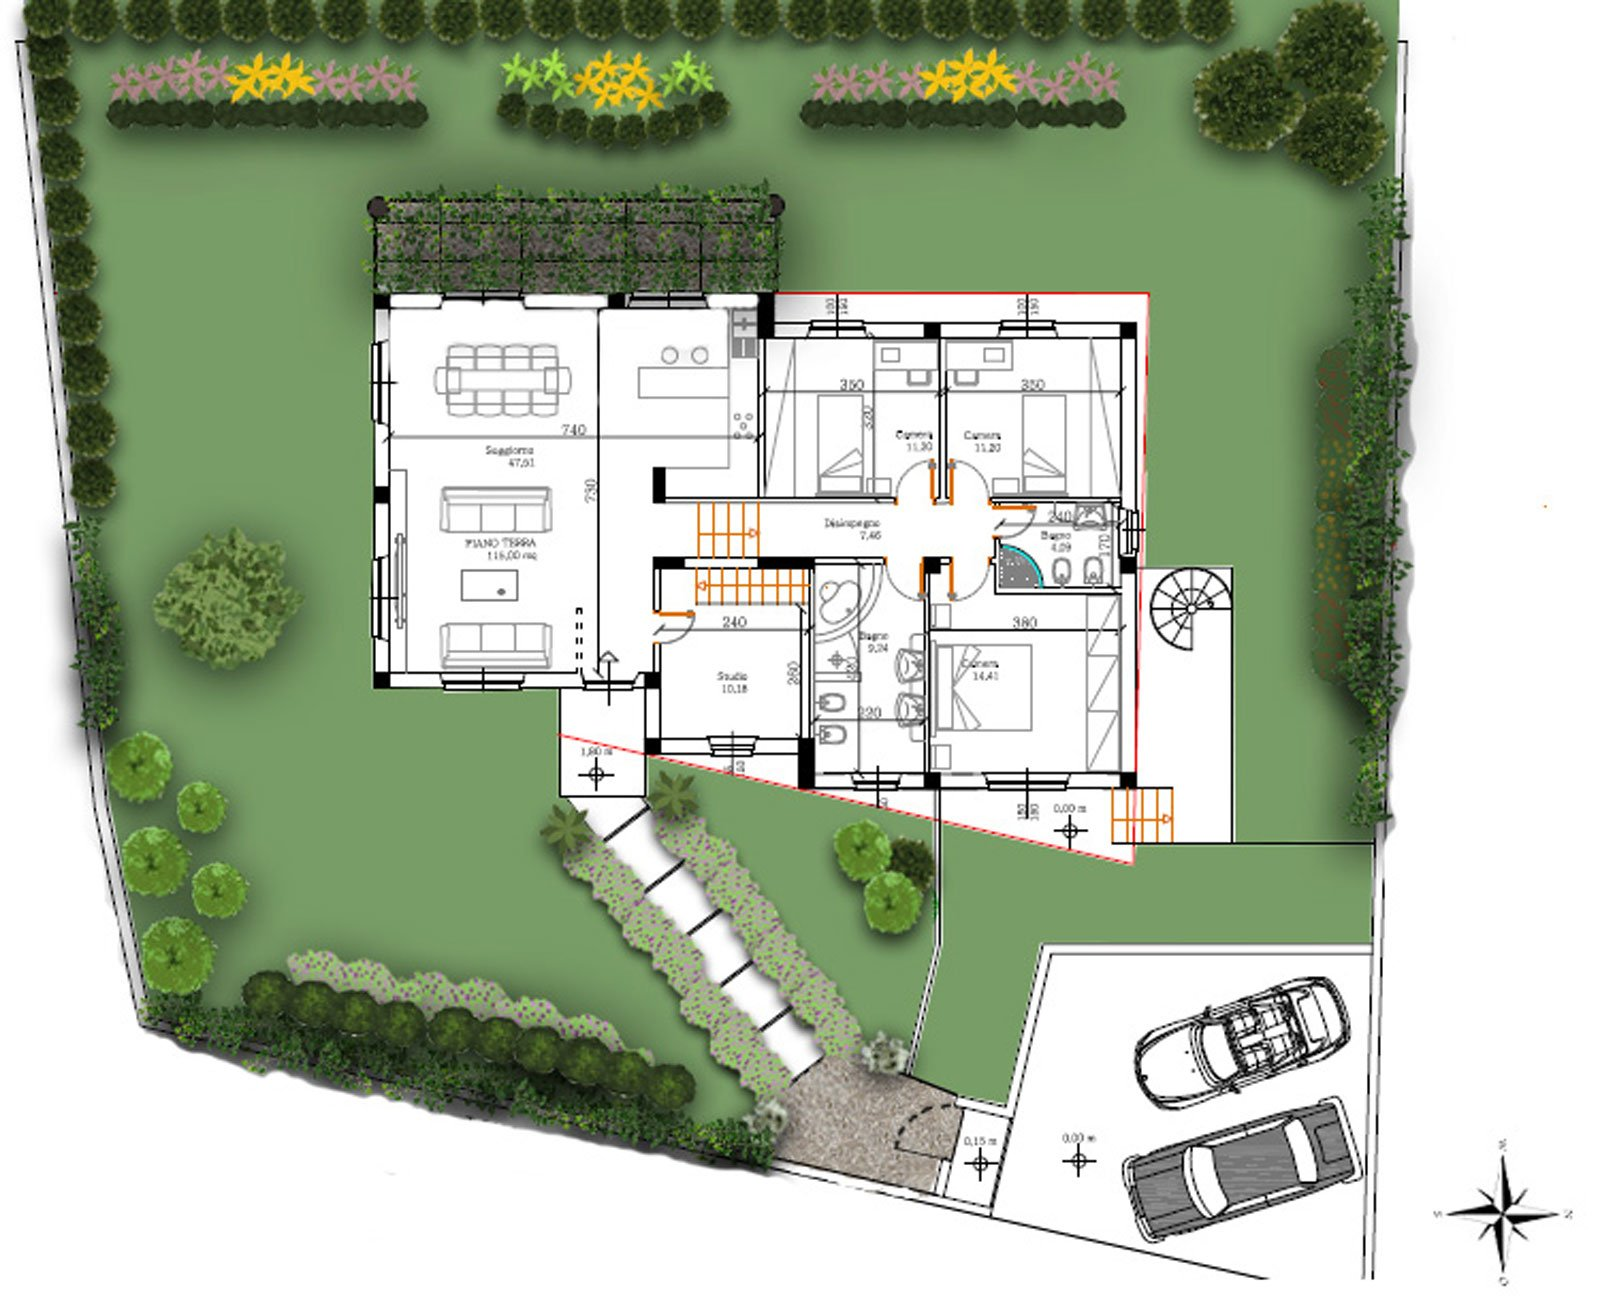 Un progetto per il giardino della villetta cose di casa for Piani di casa di prossima generazione